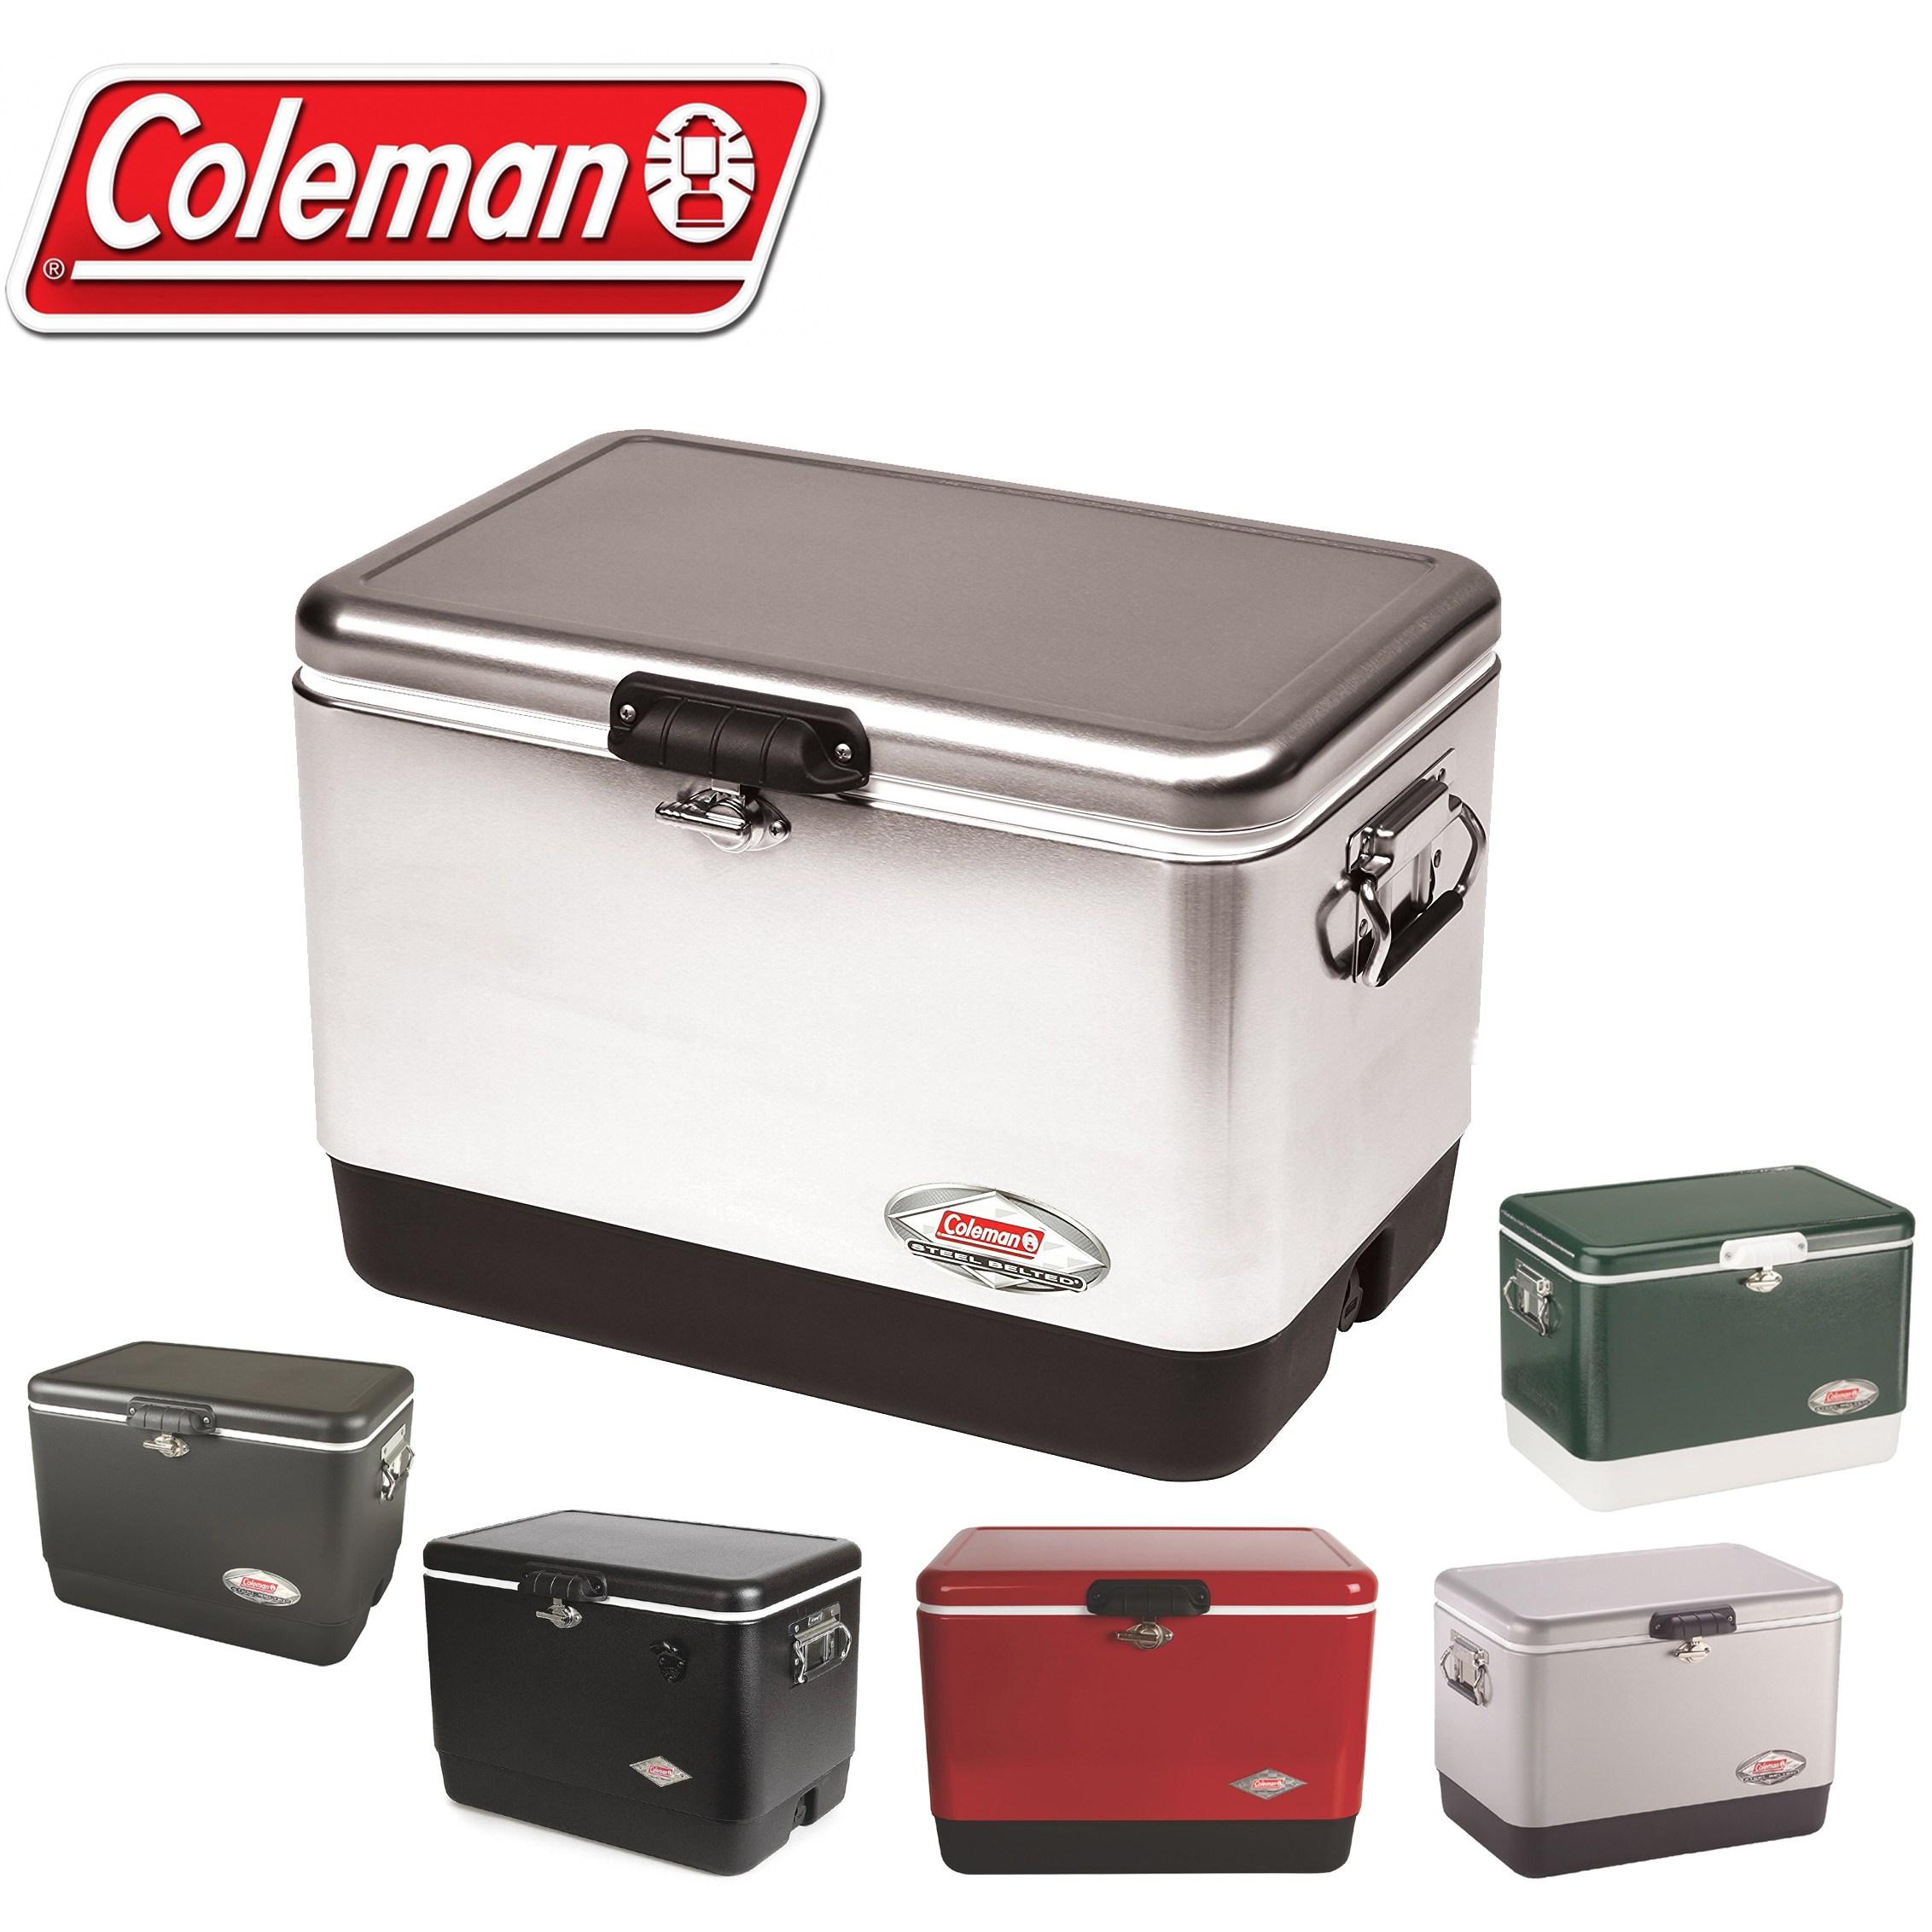 콜맨 아이스박스 54쿼터 스틸-벨트 쿨러 (다양한 색상선택-균일가격), 레드/블랙, 51L